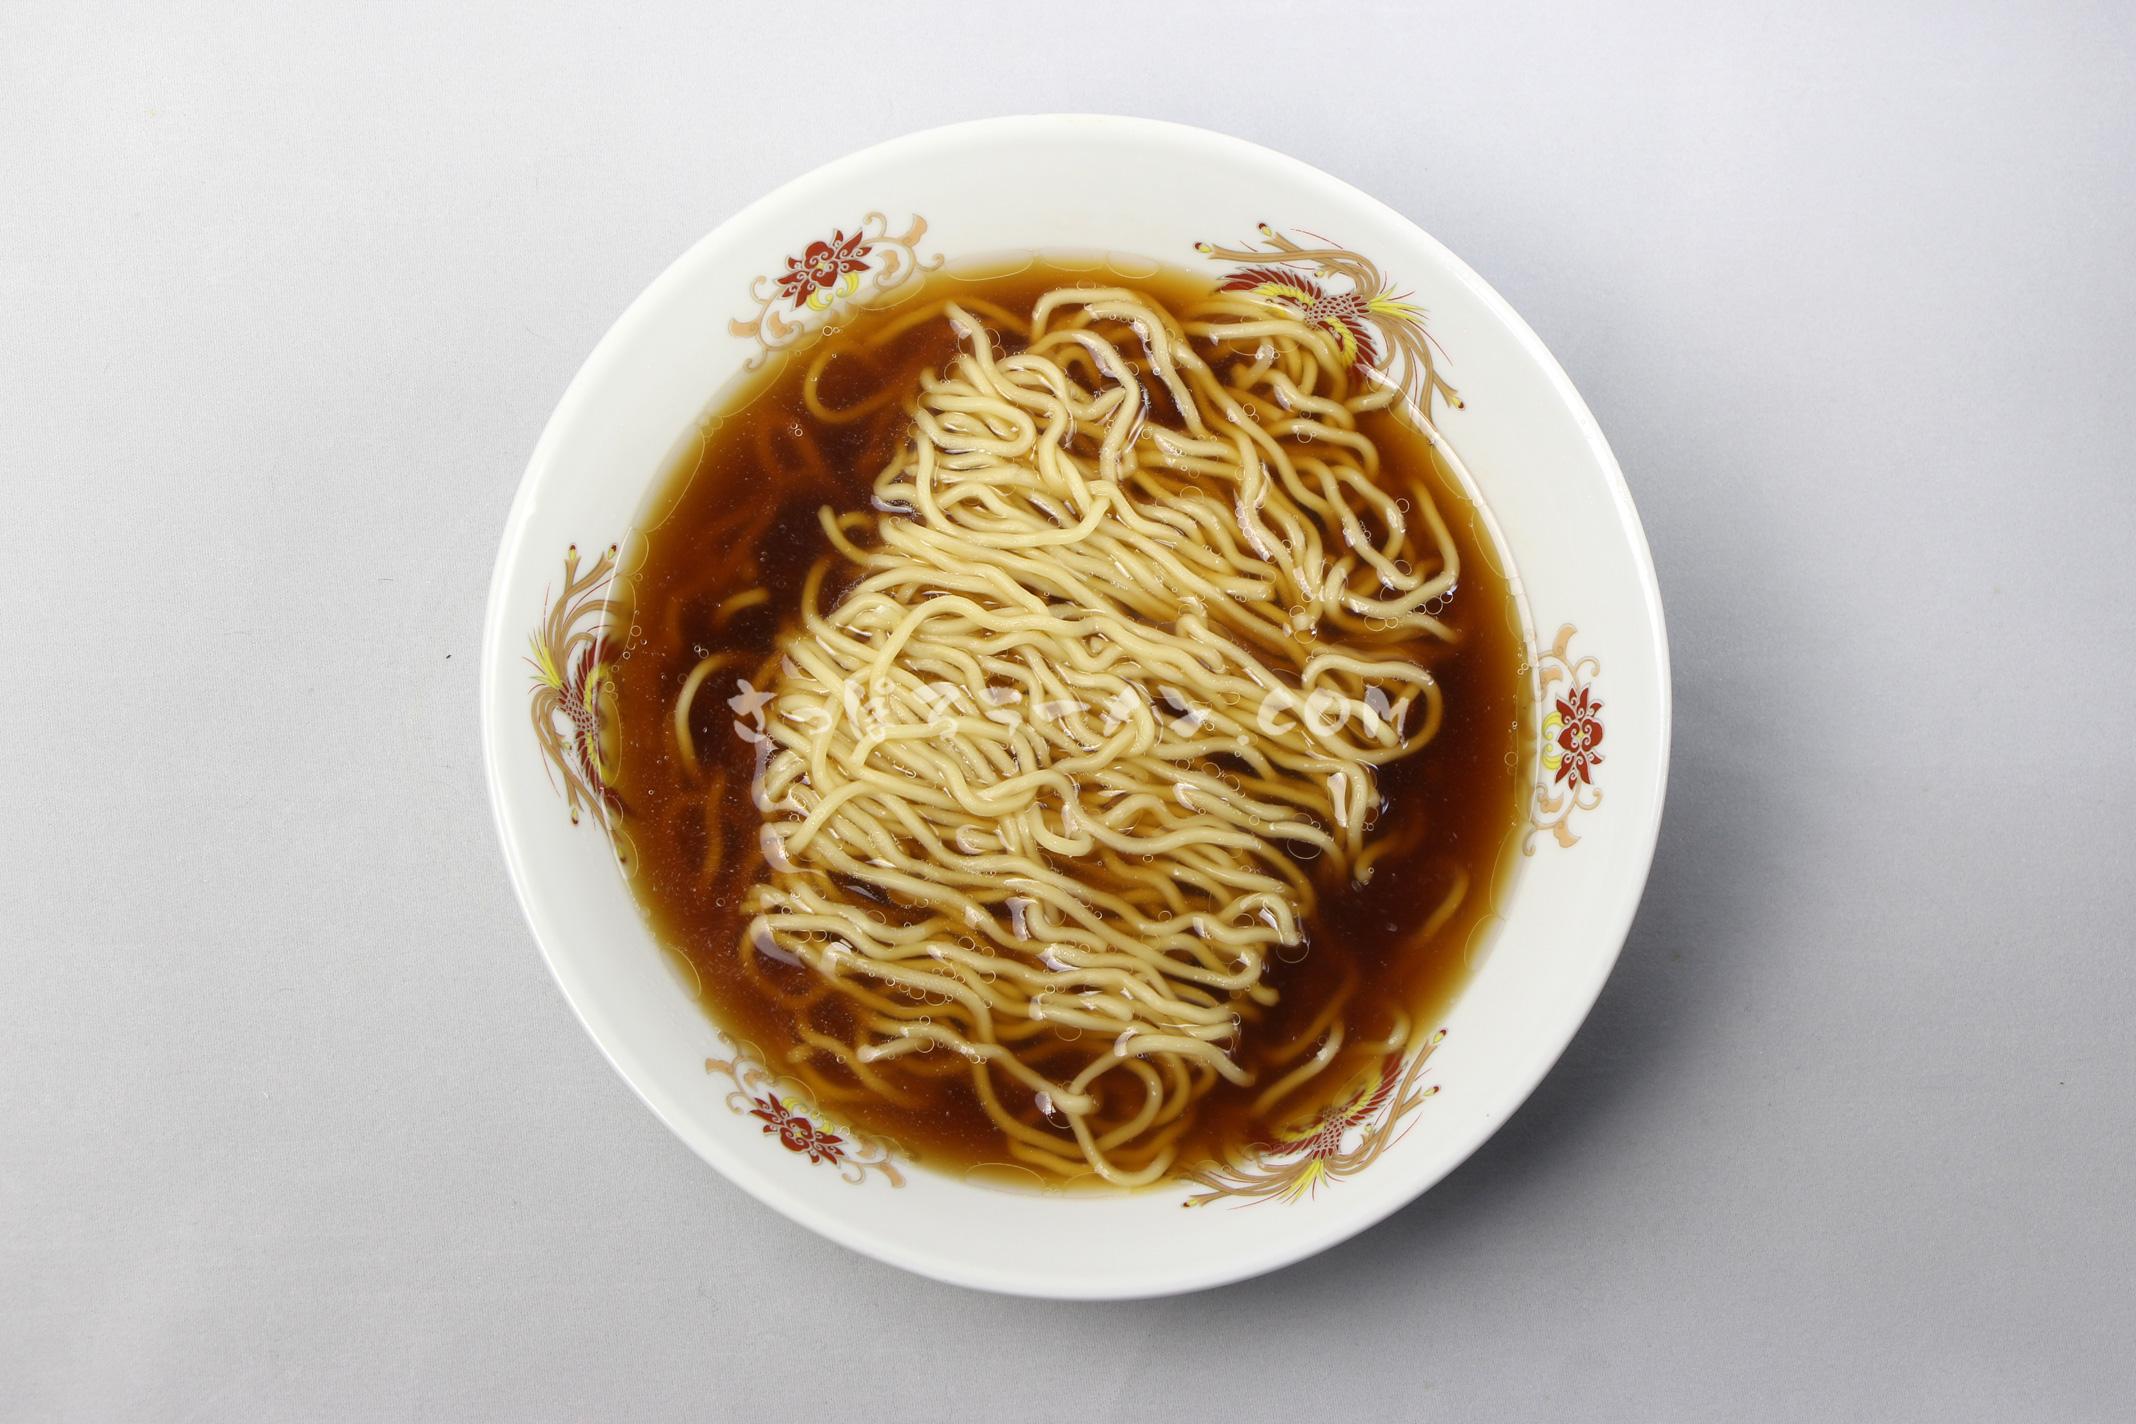 「新・たらばがに北海道ラーメン しょうゆ味」(つらら)の完成画像